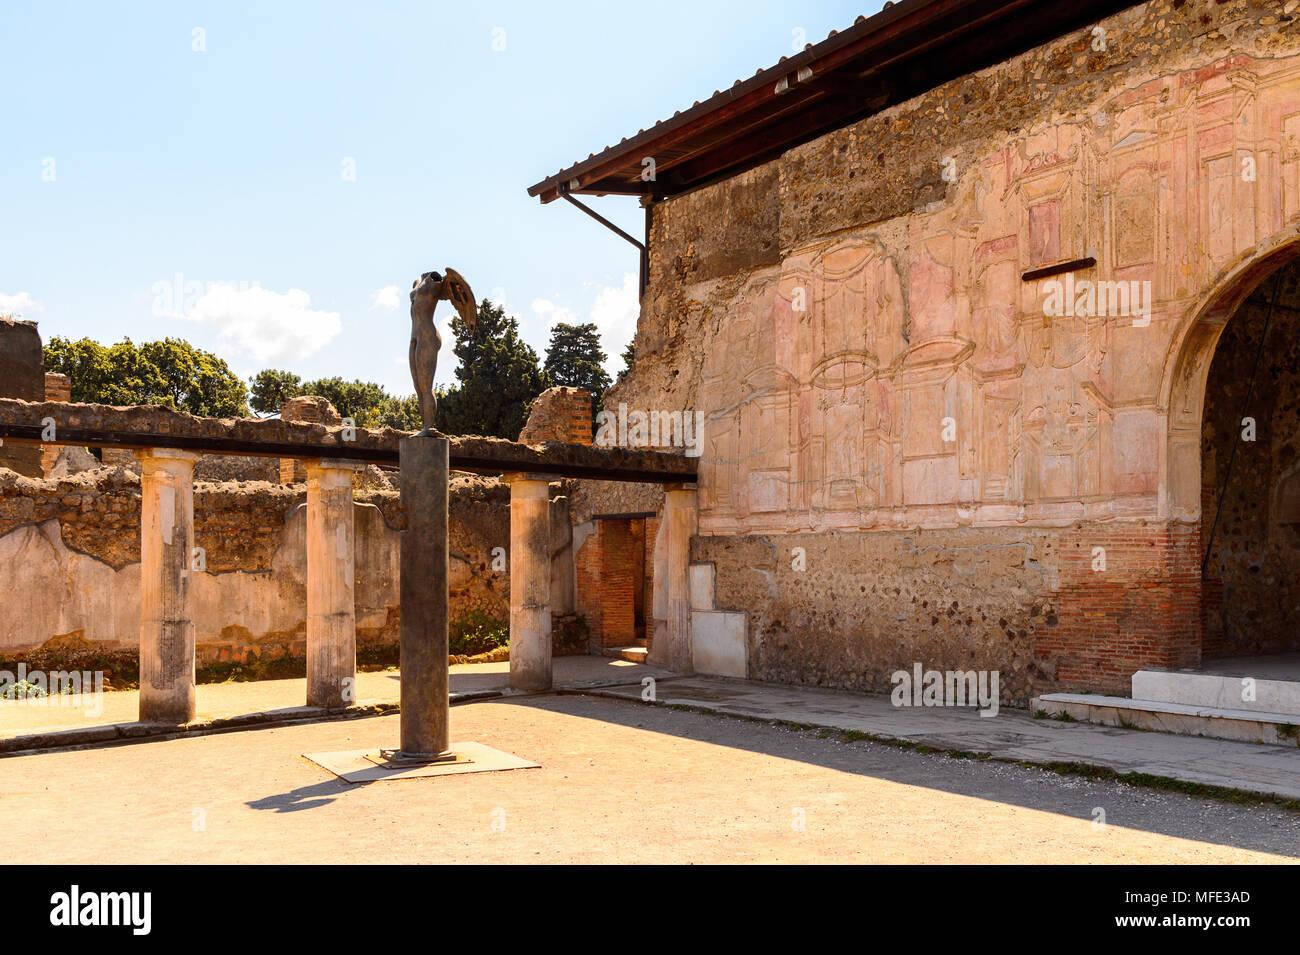 Pompeya, una antigua ciudad romana destruida por el volcán Vesubio. Sitio de Patrimonio Mundial de la UNESCO Imagen De Stock